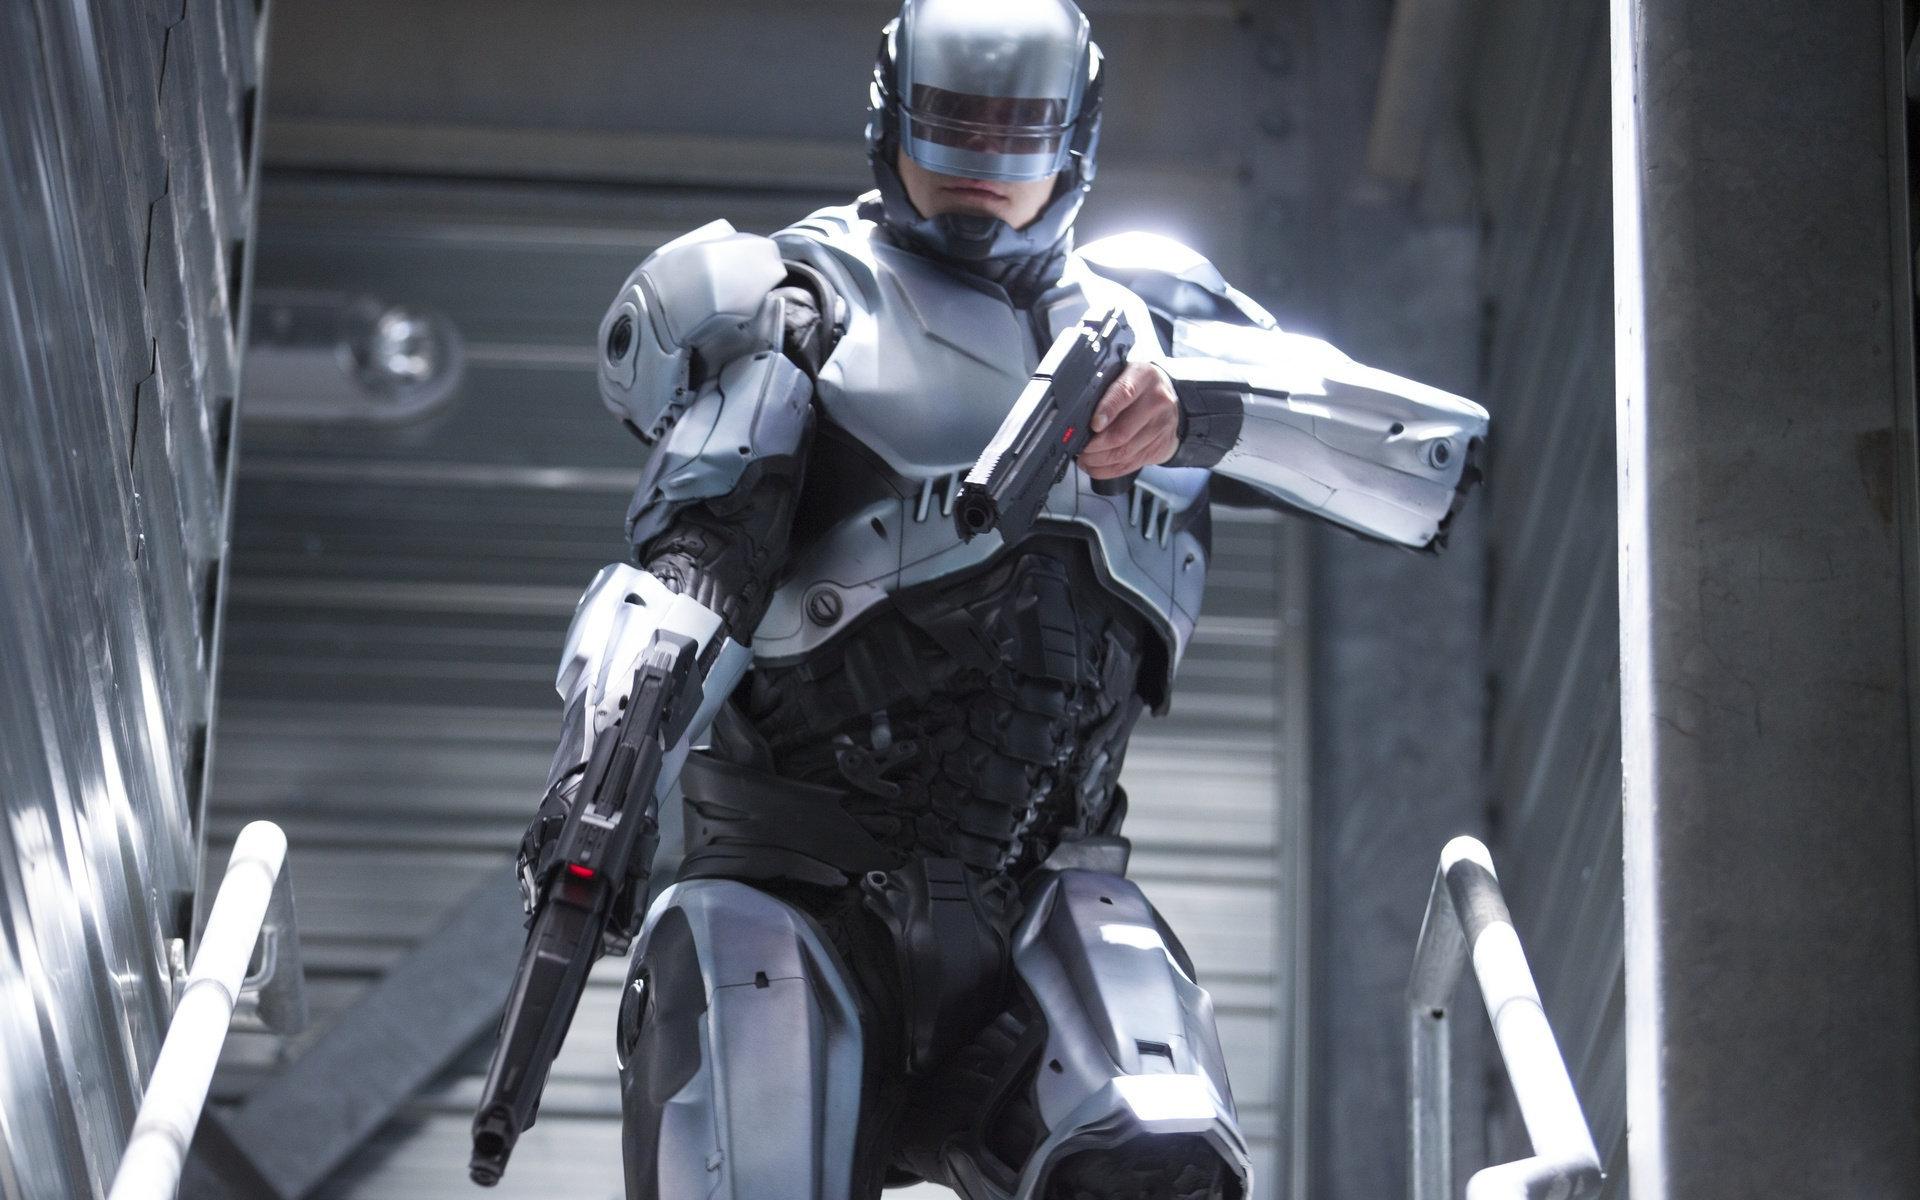 РобоКоп (2014) — RoboCop